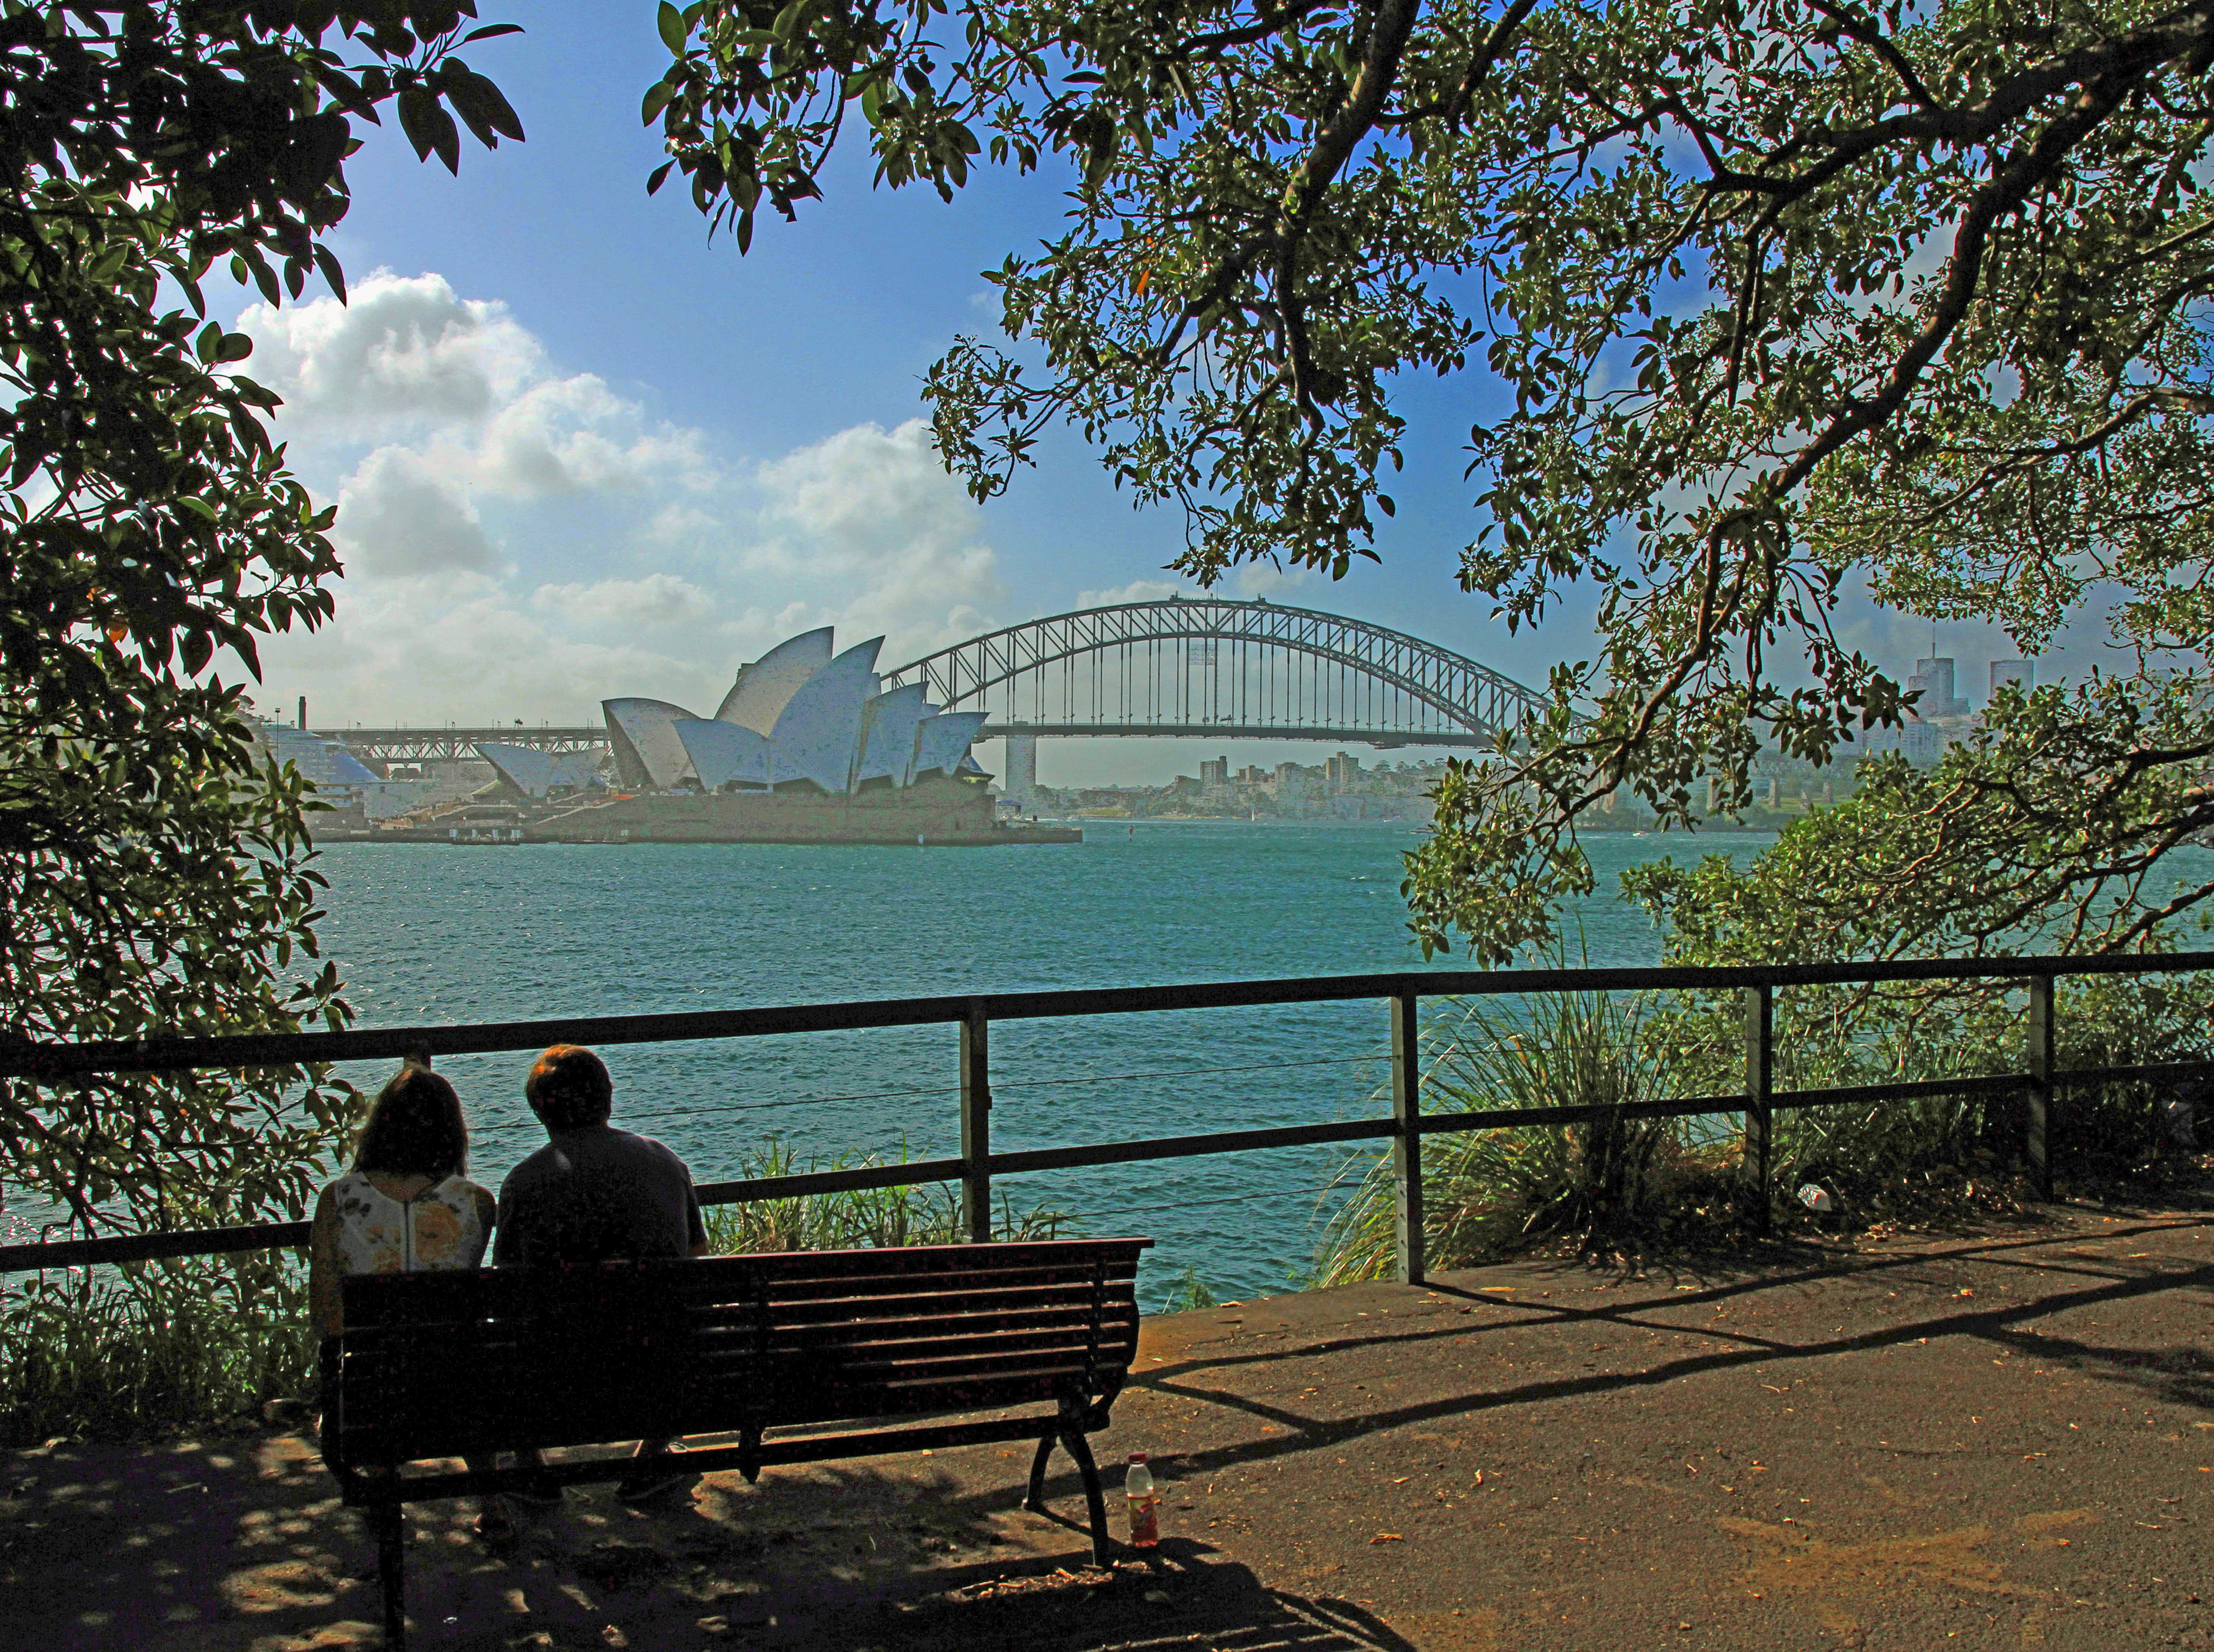 Aussie_1961d-50x67-phtsp_modifié-1